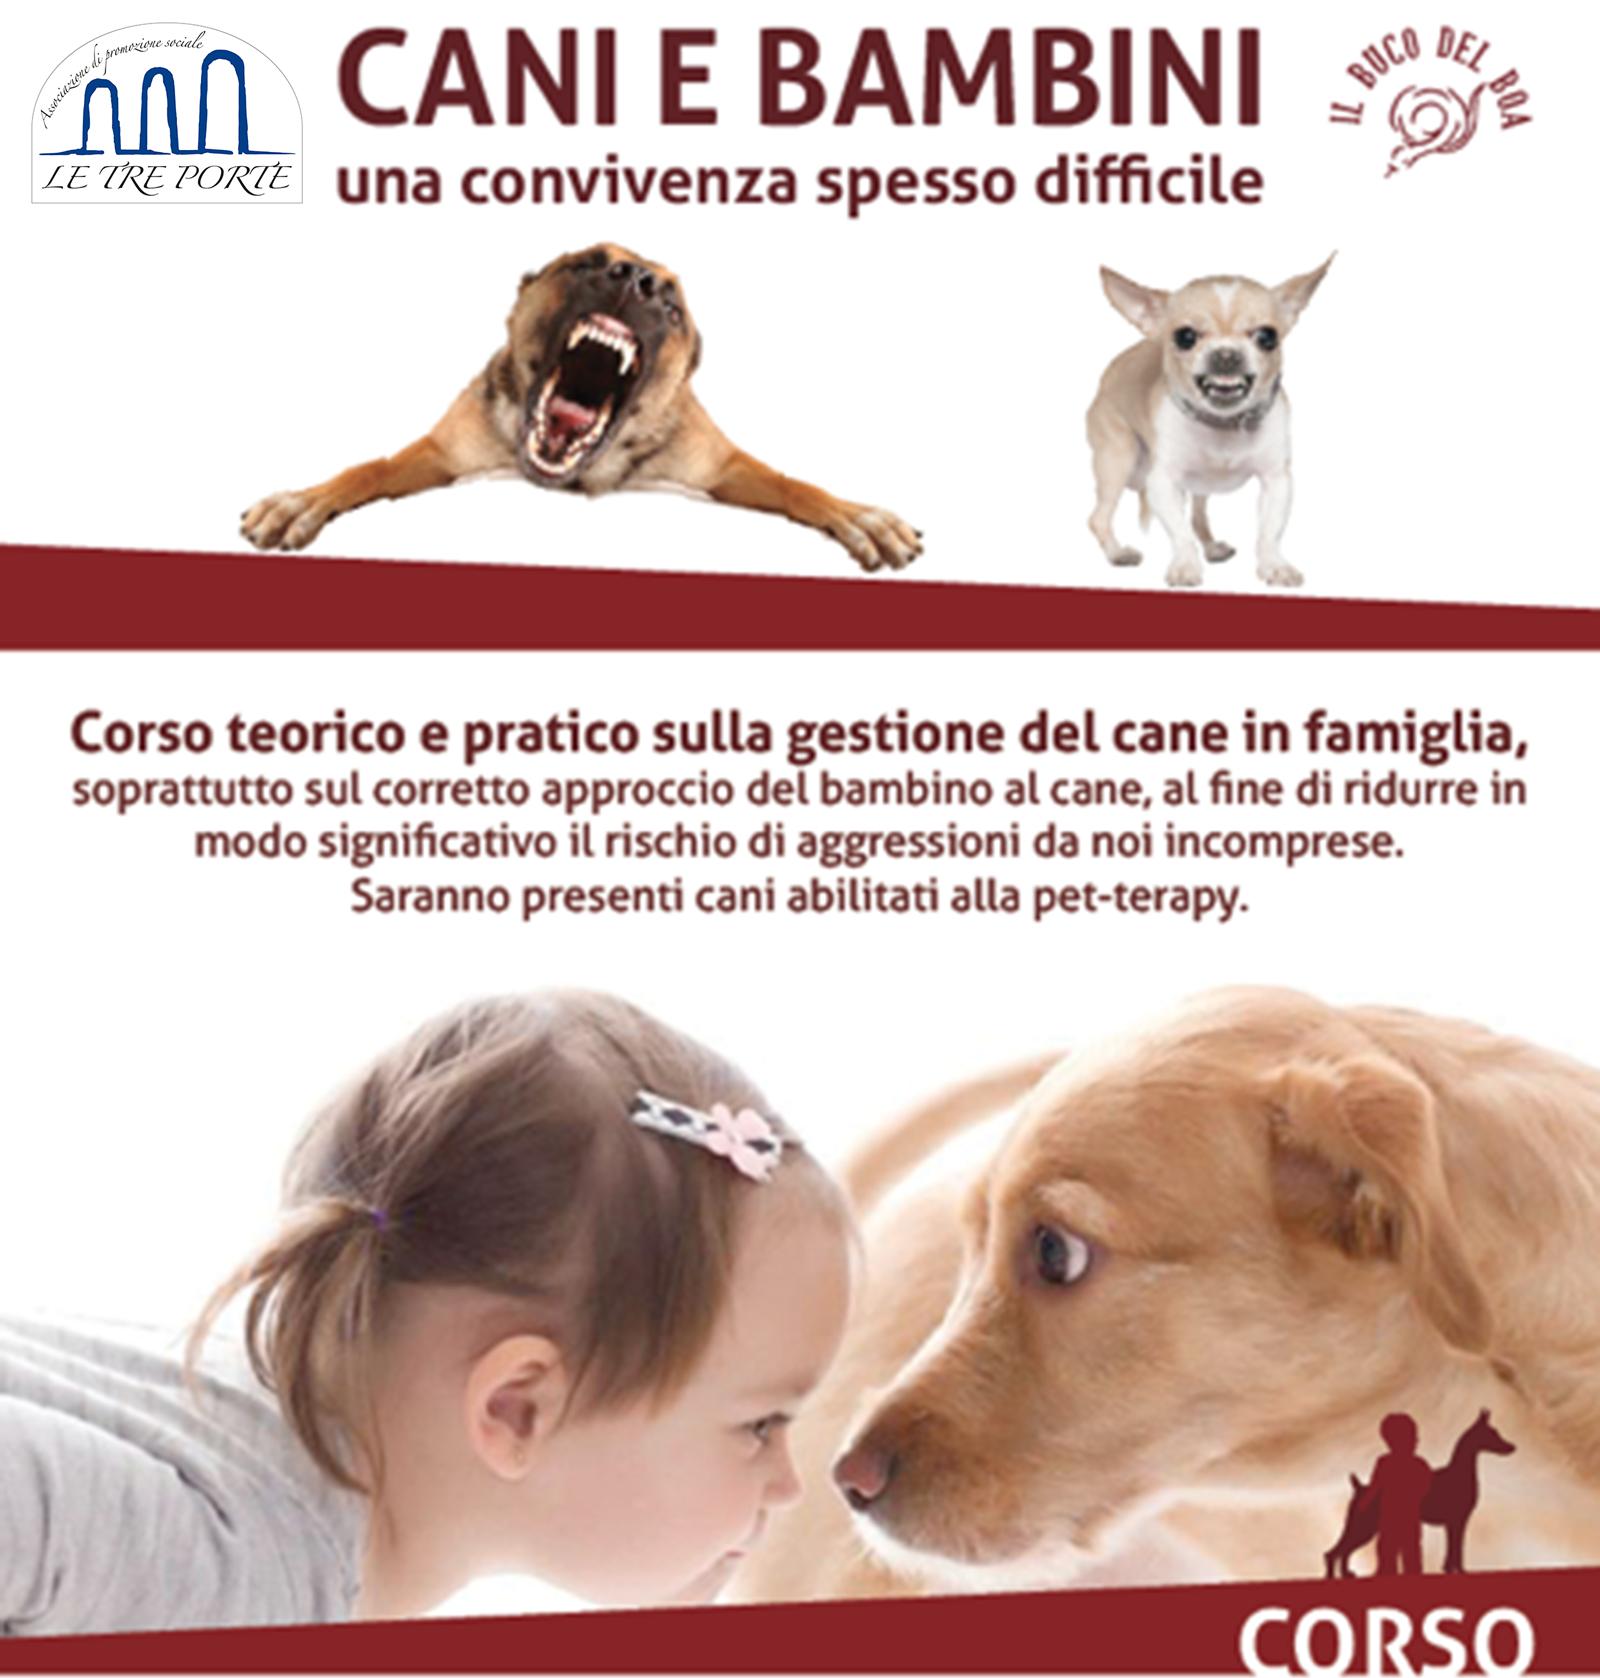 Cani e bambini, una convivenza spesso difficile. Un corso per un corretto approccio